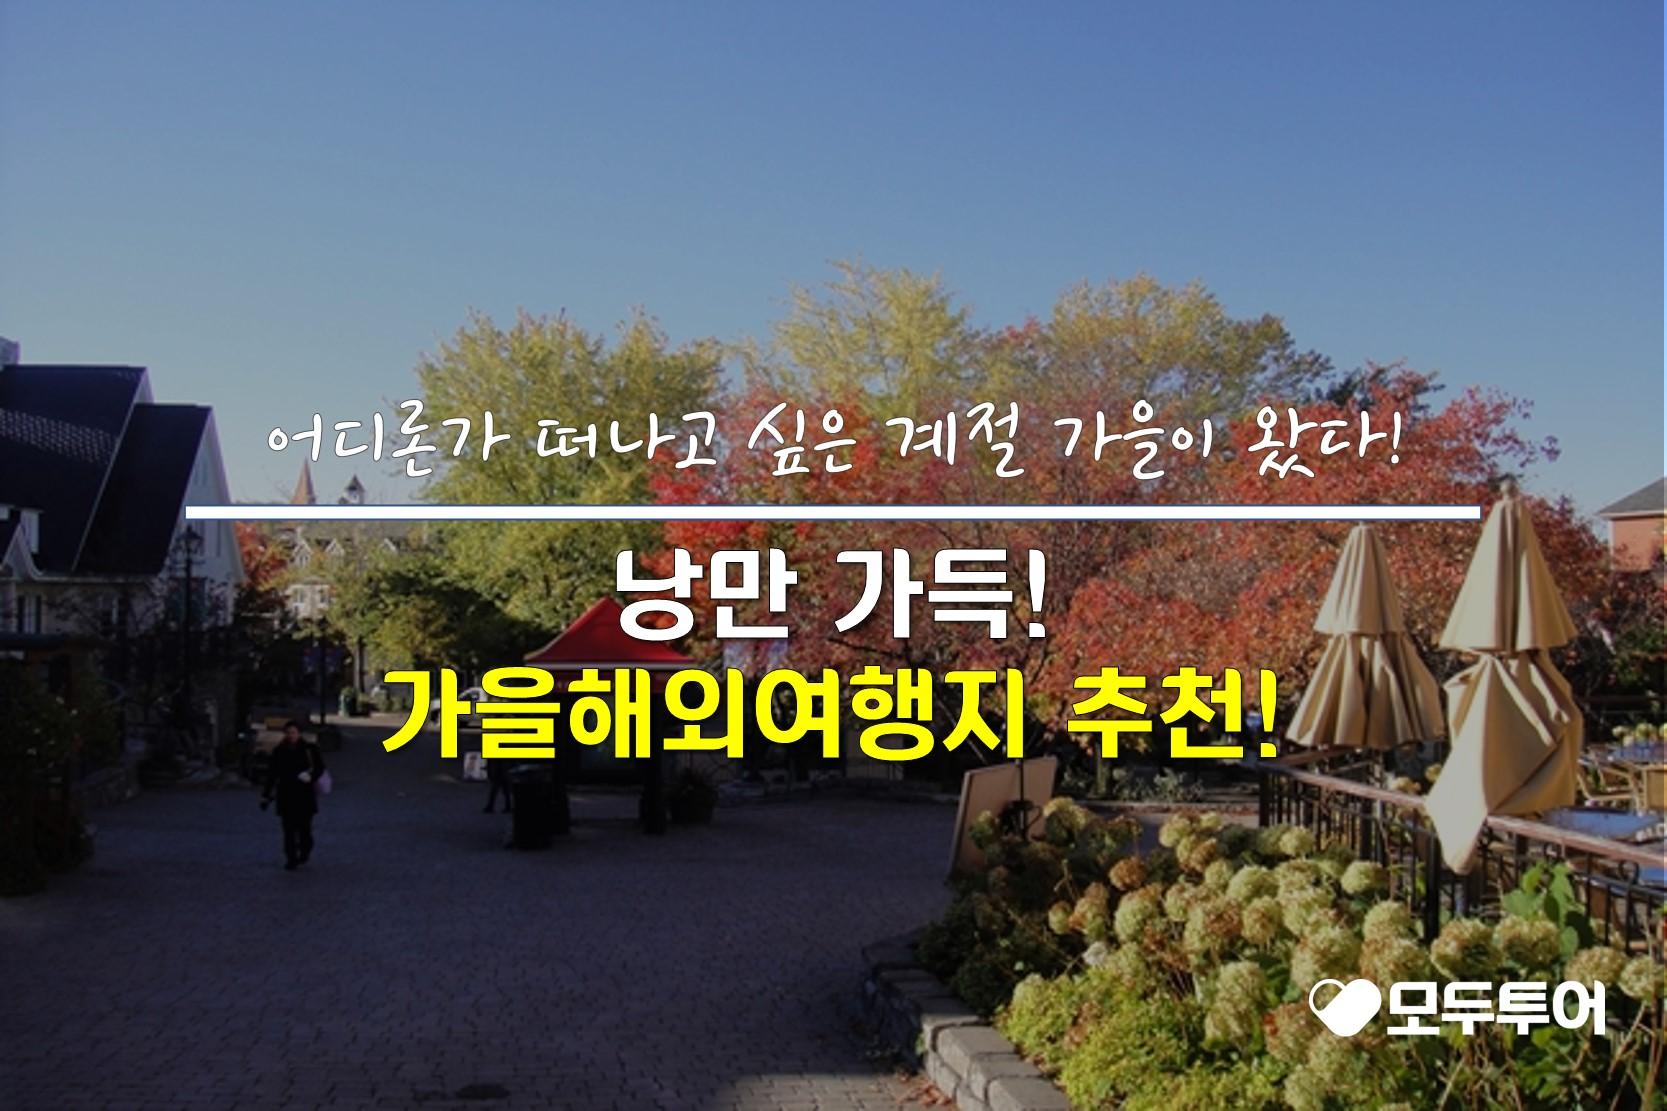 가을철 떠나기 좋은 해외여행지 추천!